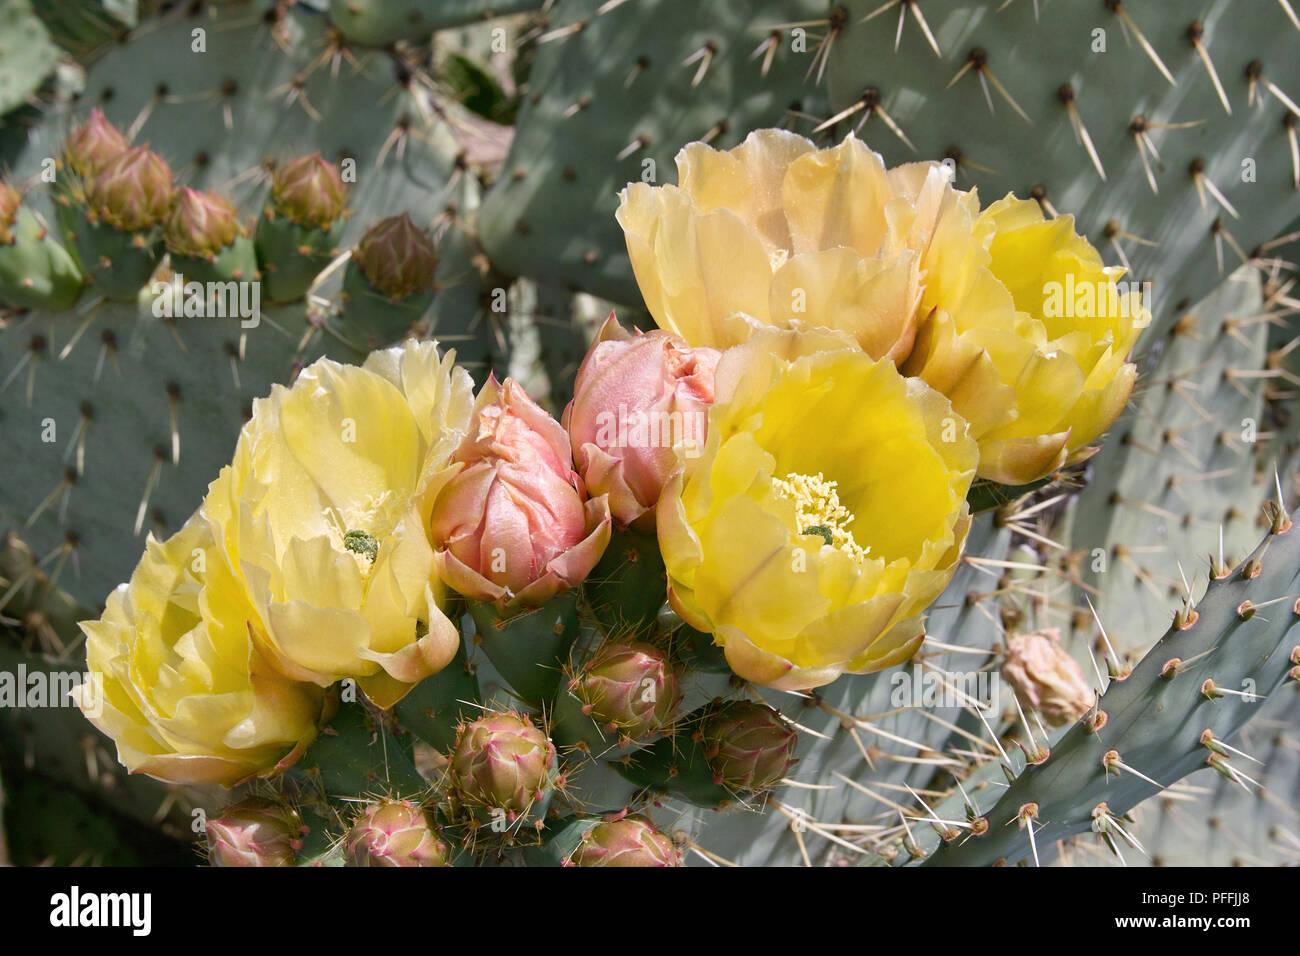 Feigenkaktus in voller Blüte, Opuntia ficus Indica, Cactaceae. Stockbild